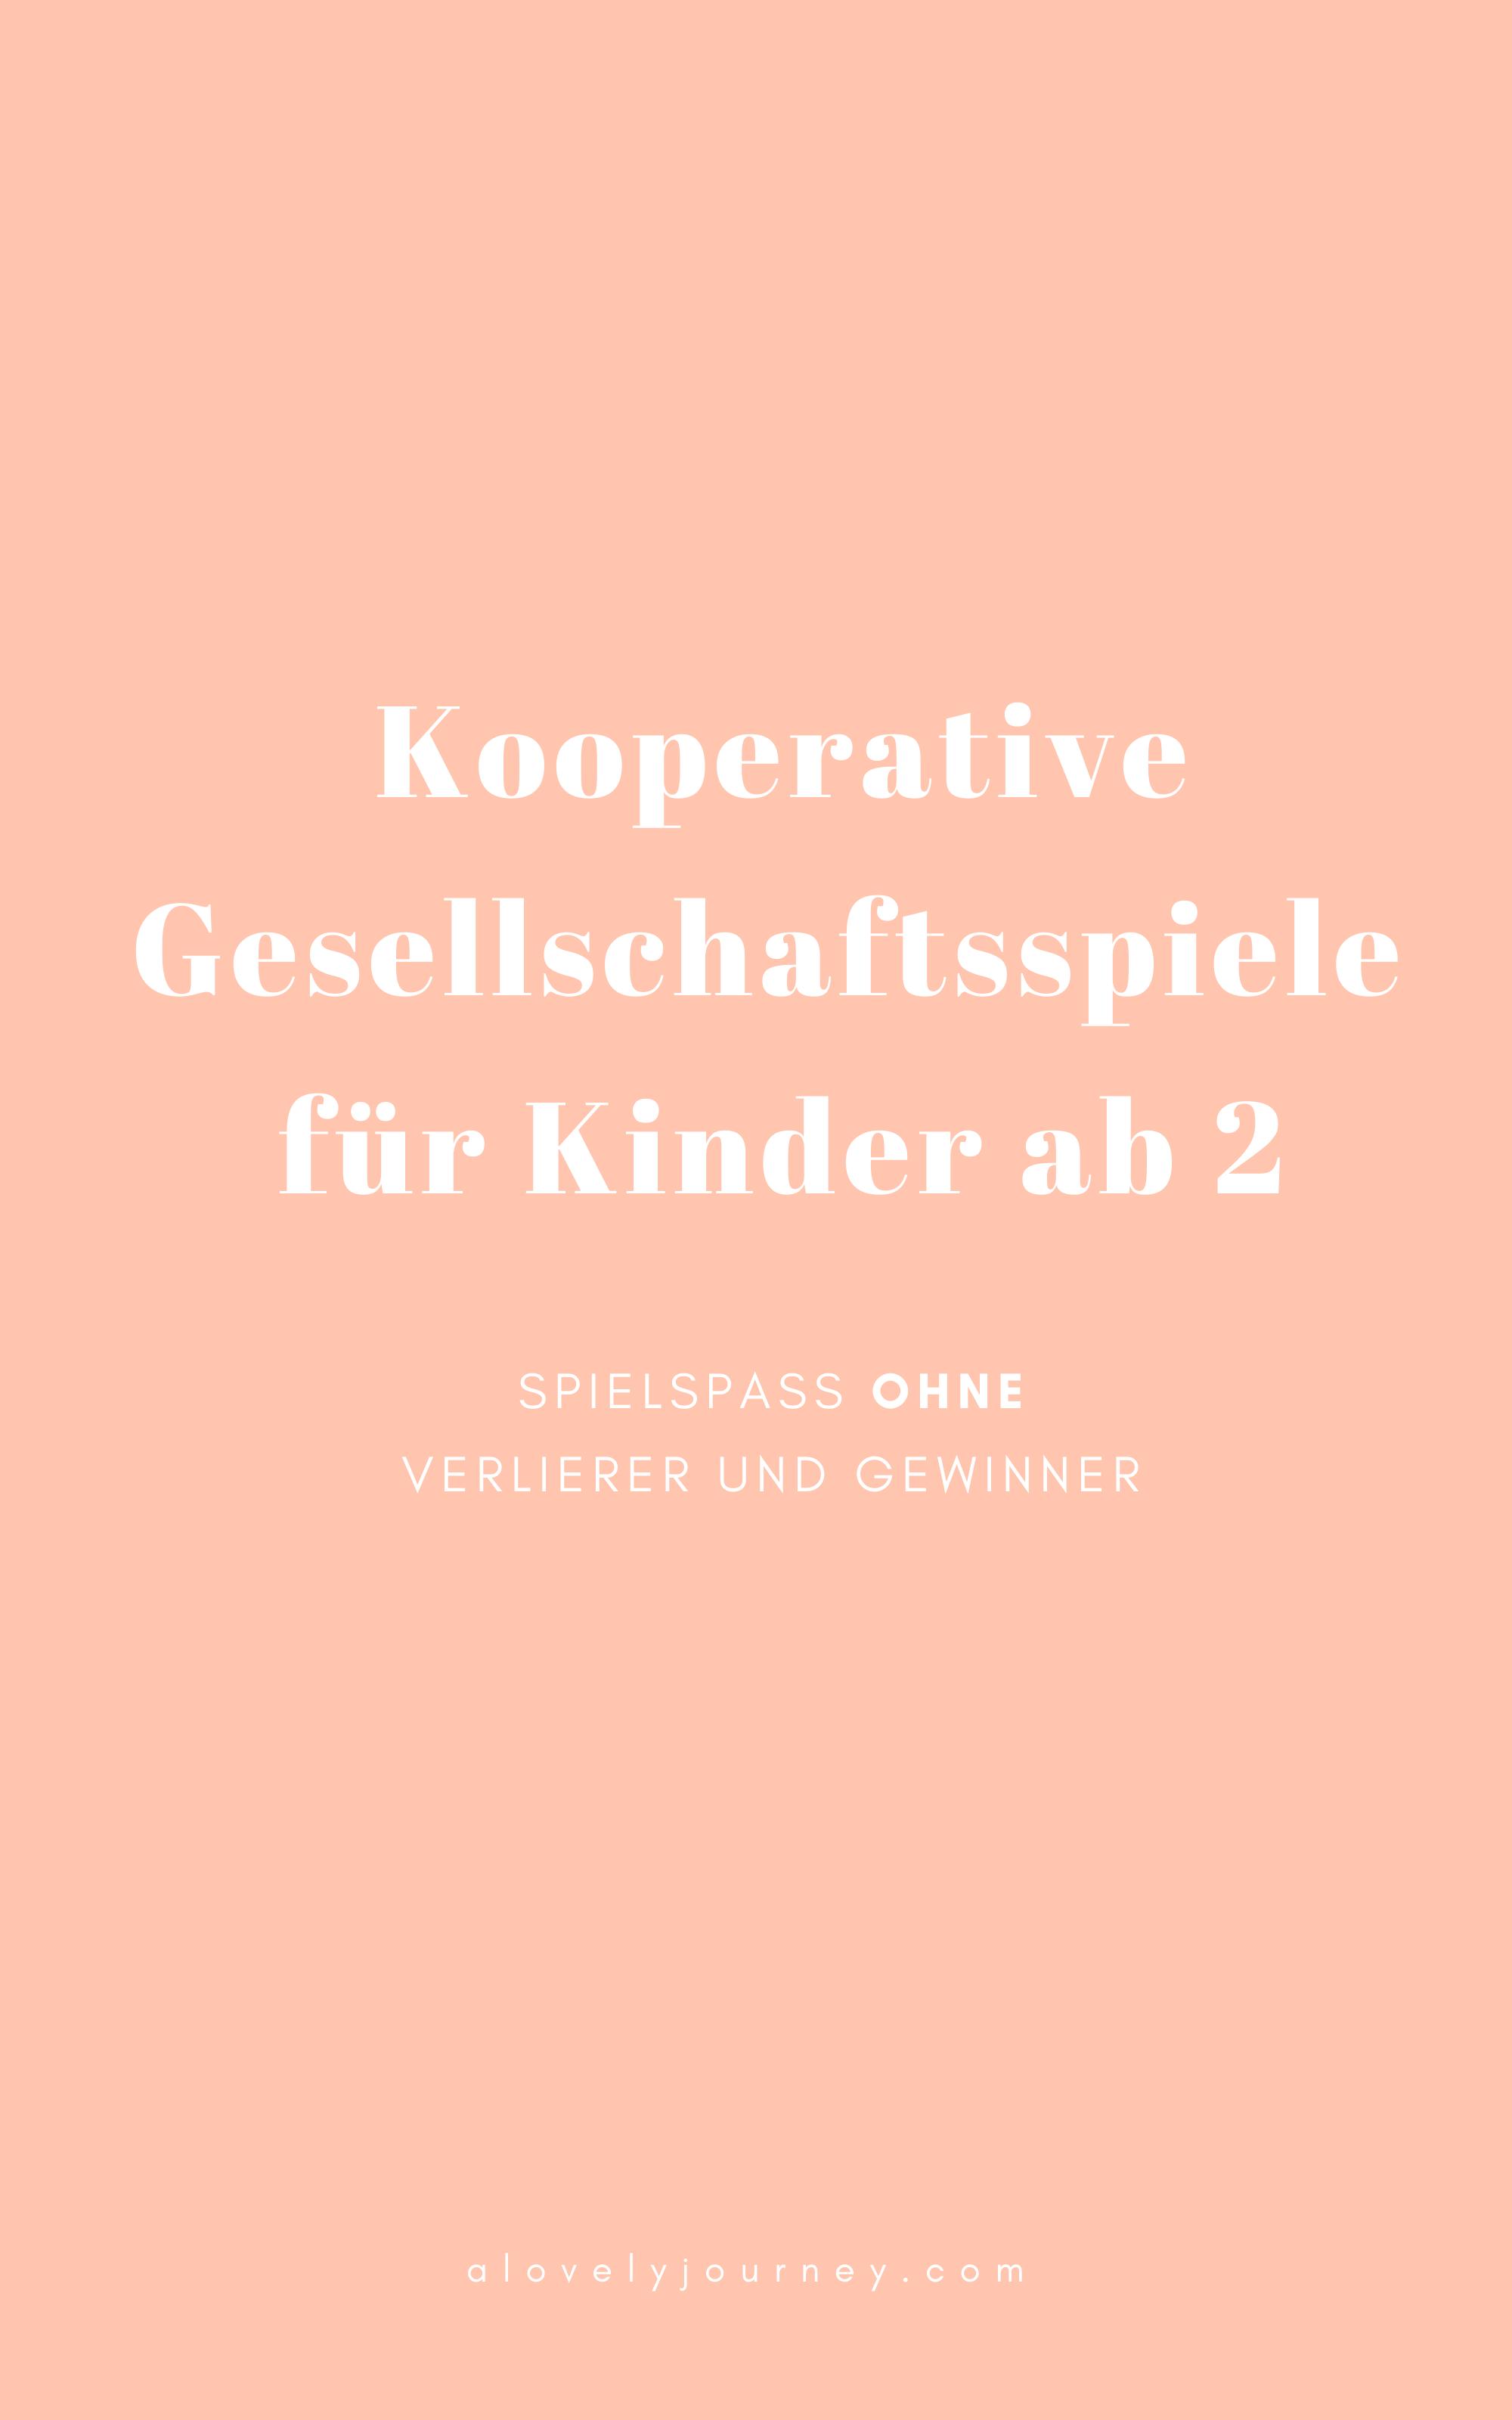 Kooperative Gesellschaftsspiele für Kinder